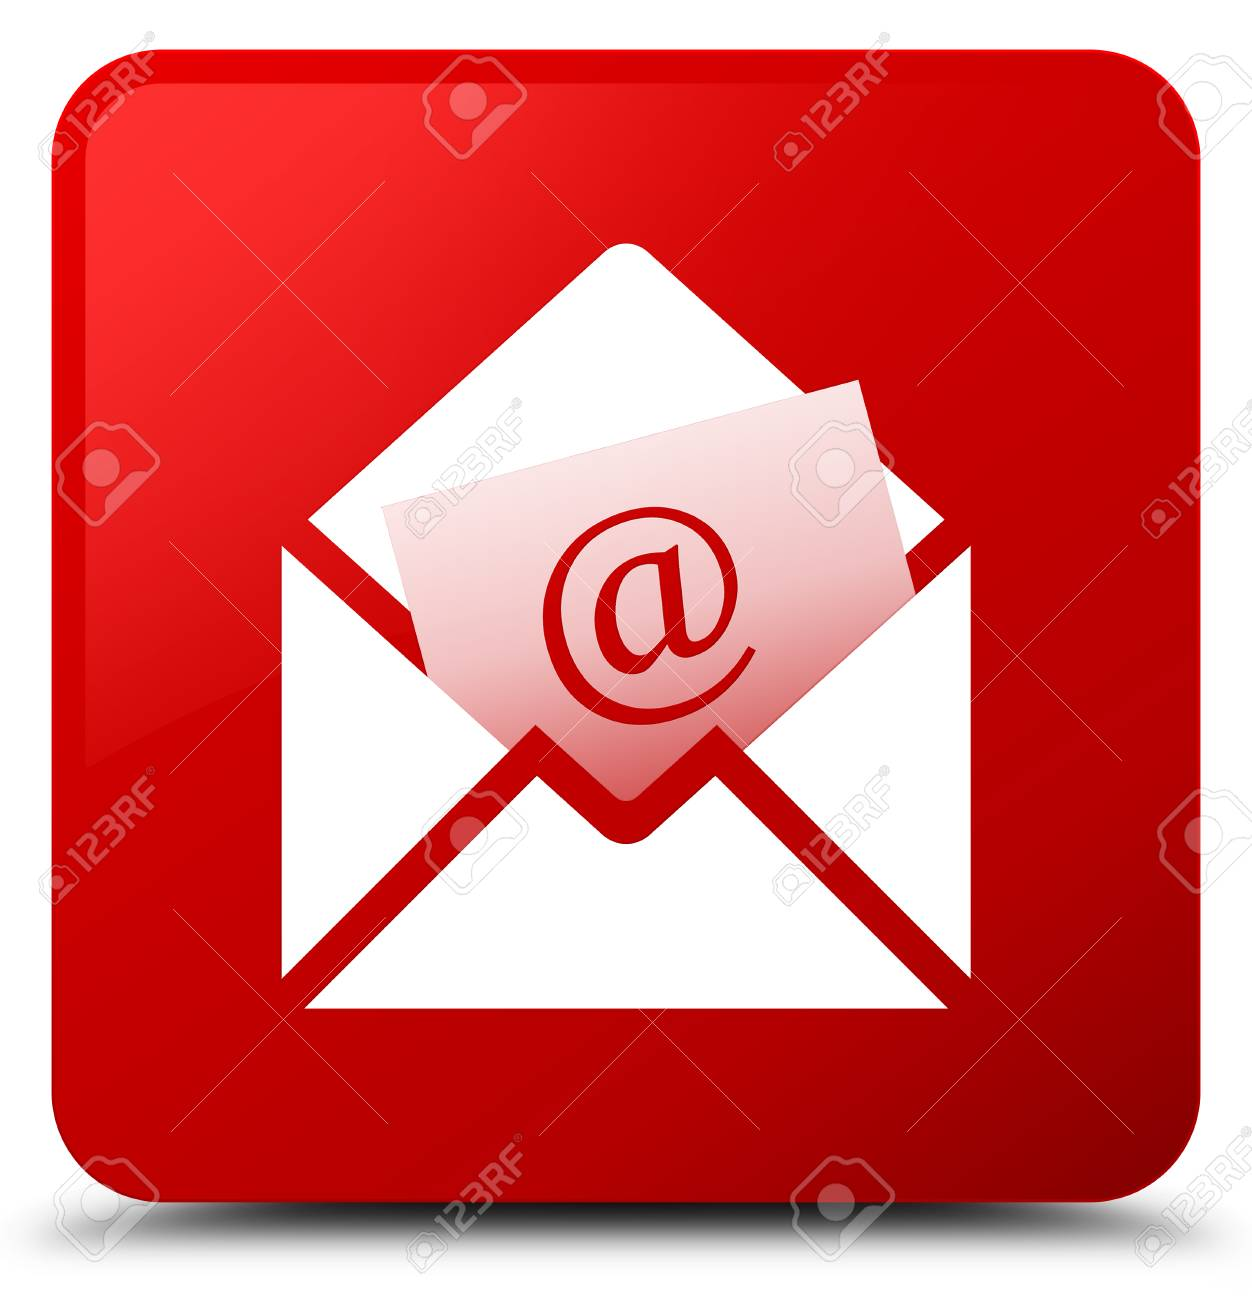 赤い正方形ボタンの抽象的なイラストに分離されたニュースレター E